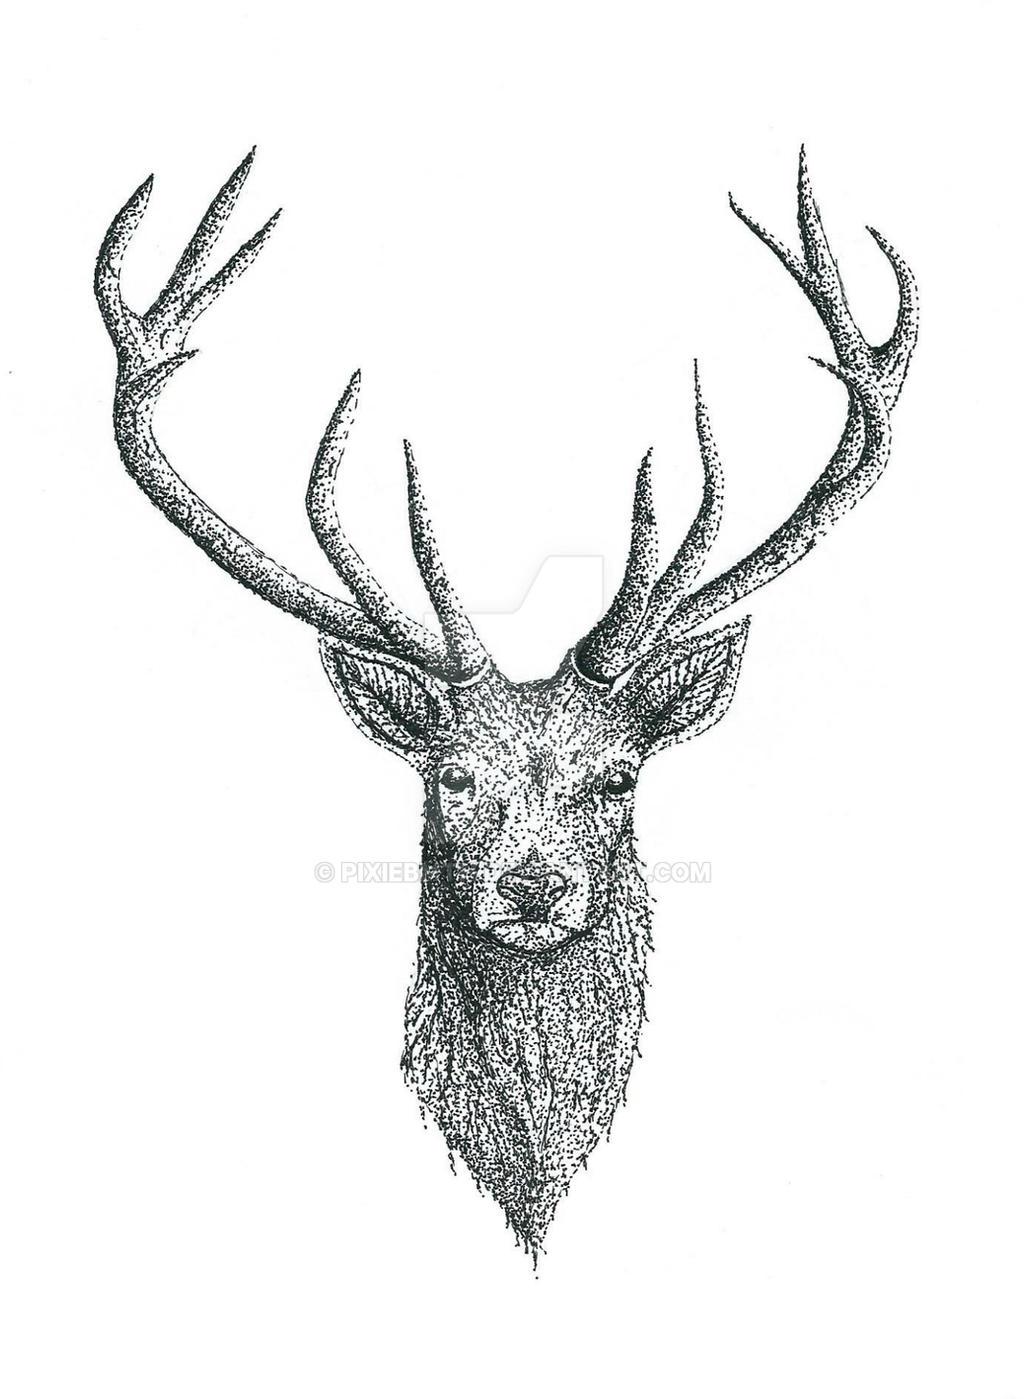 Deer Tattoo Design By Pixiebmth On Deviantart